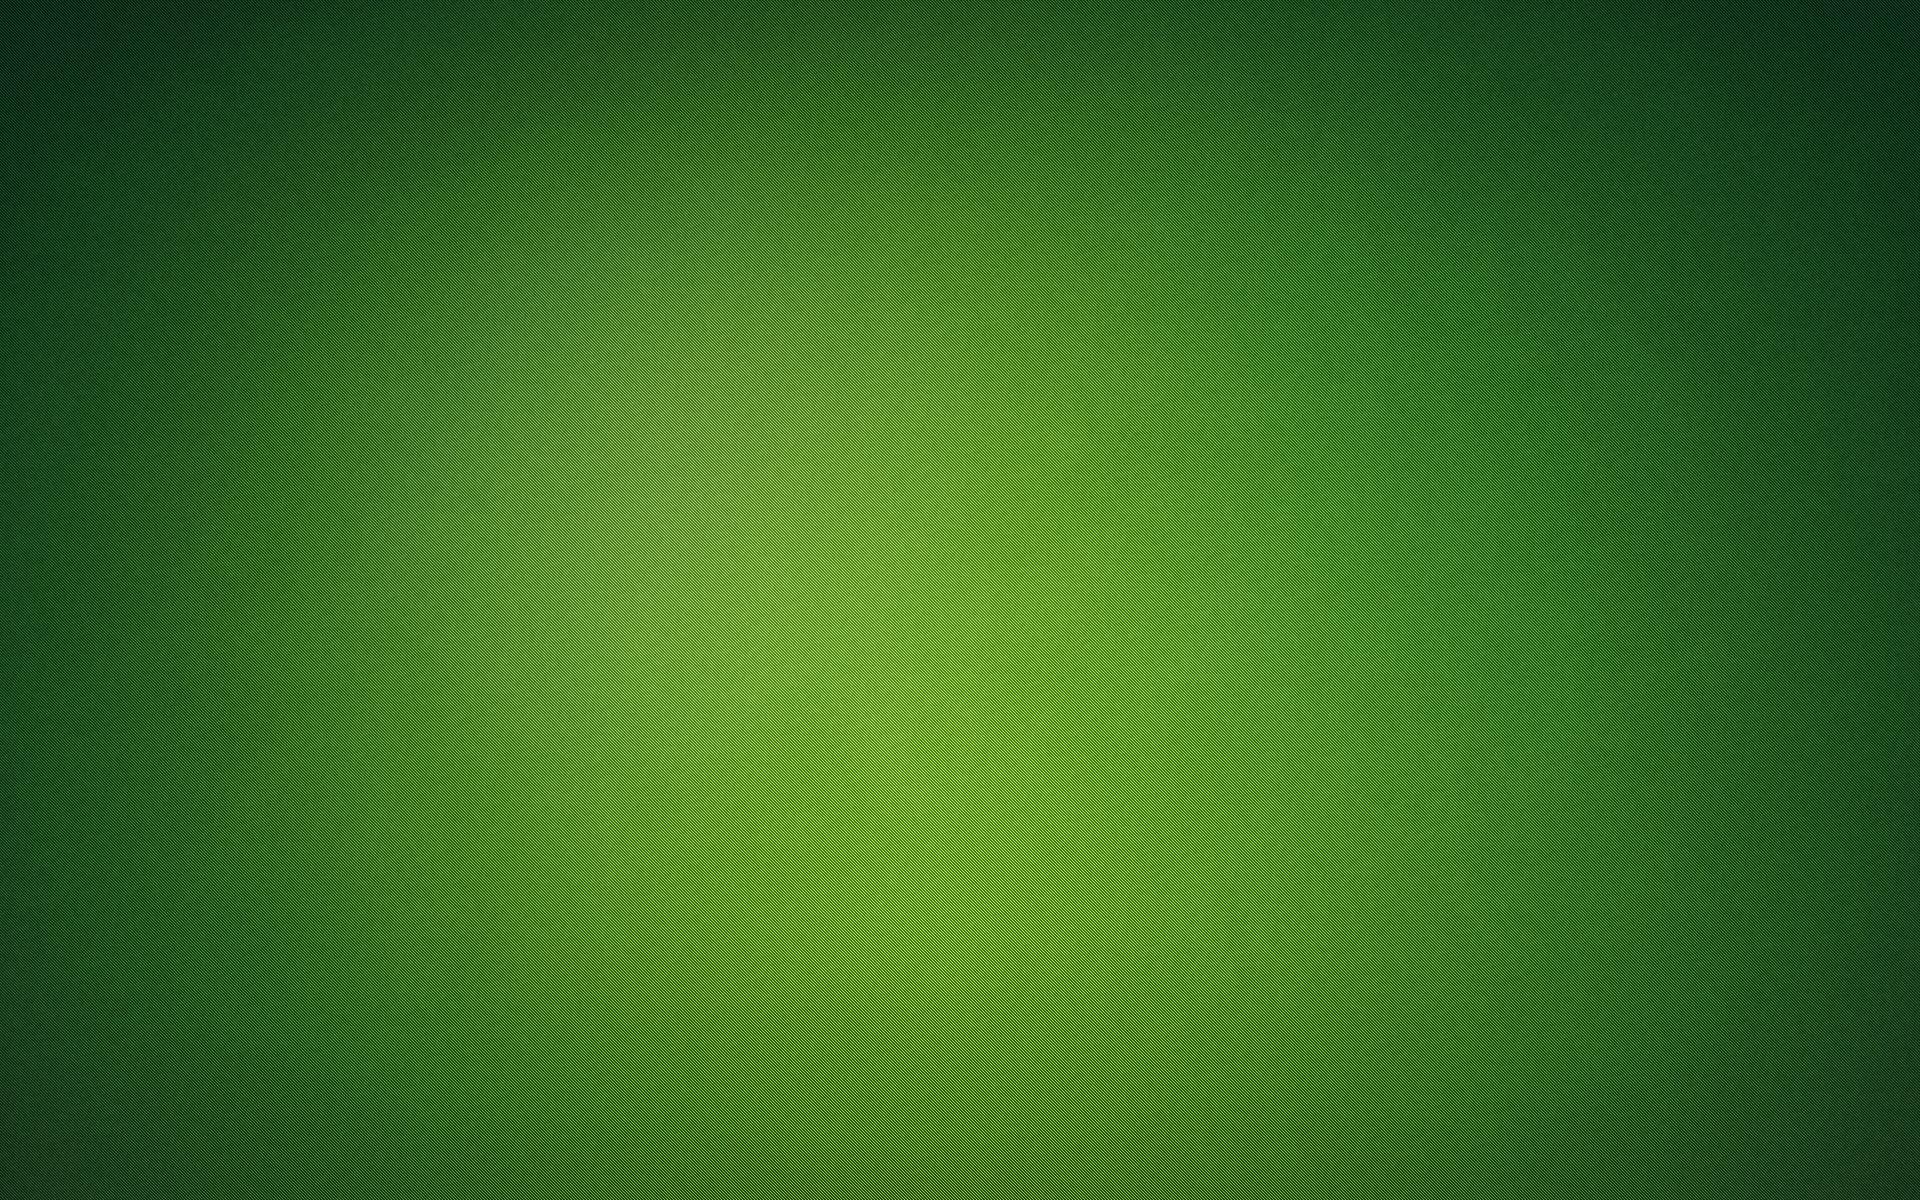 Green Background Downloads 6877 Wallpaper Cool Walldiskpaper 1920x1200